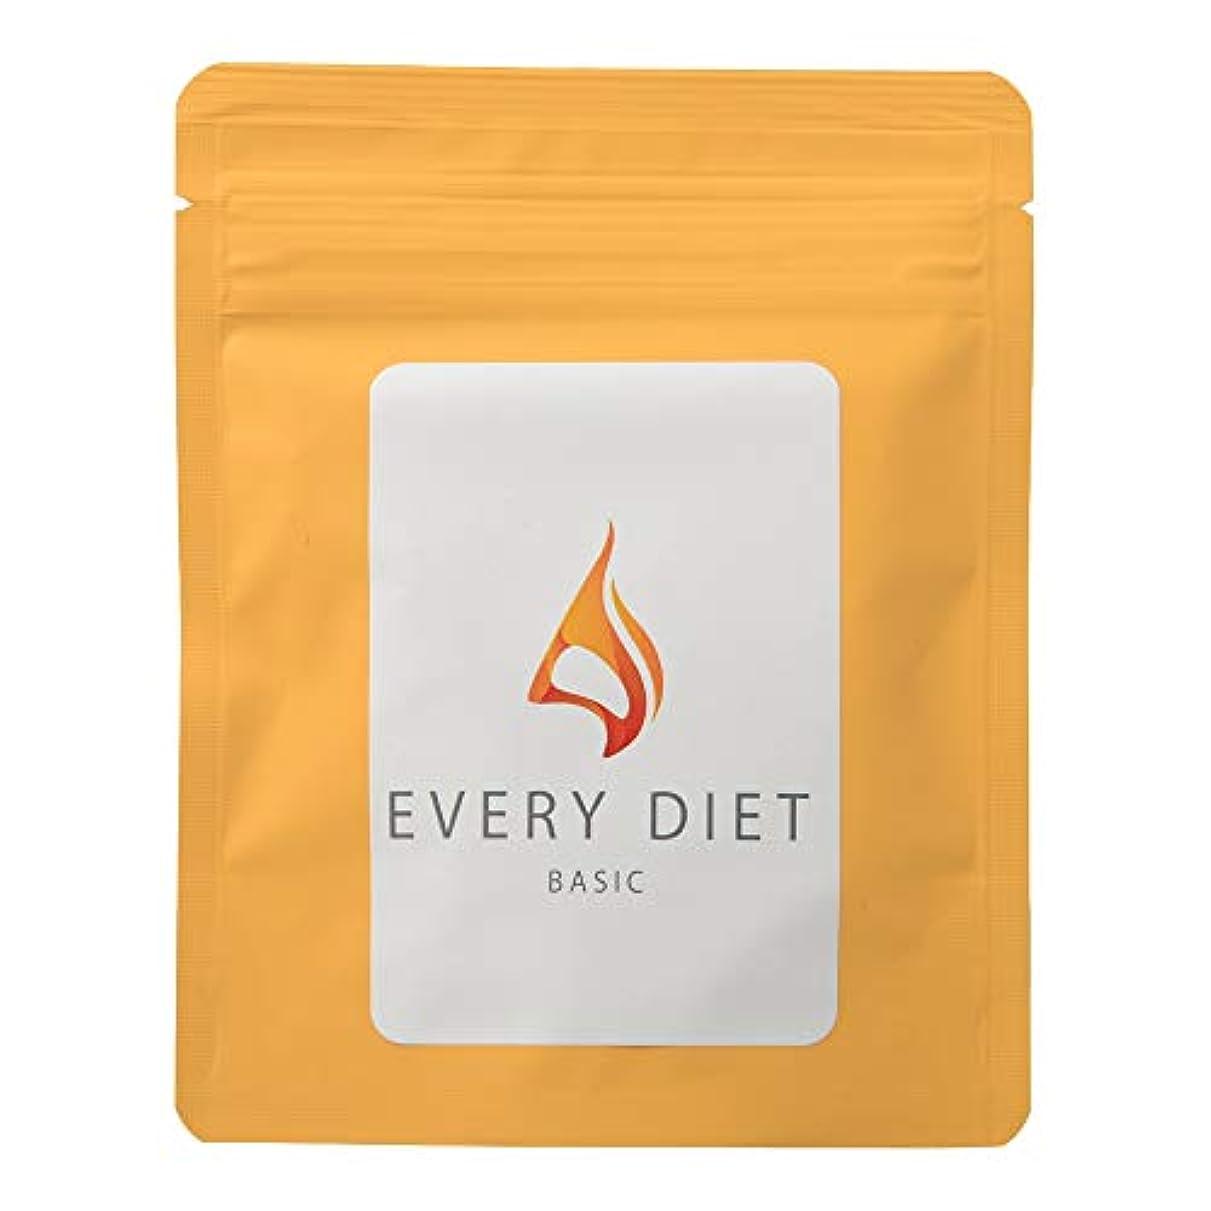 素子抑止する会計Every Diet Basic (エブリダイエット ベーシック) ダイエット サプリメント [内容量60粒/ 説明書付き]